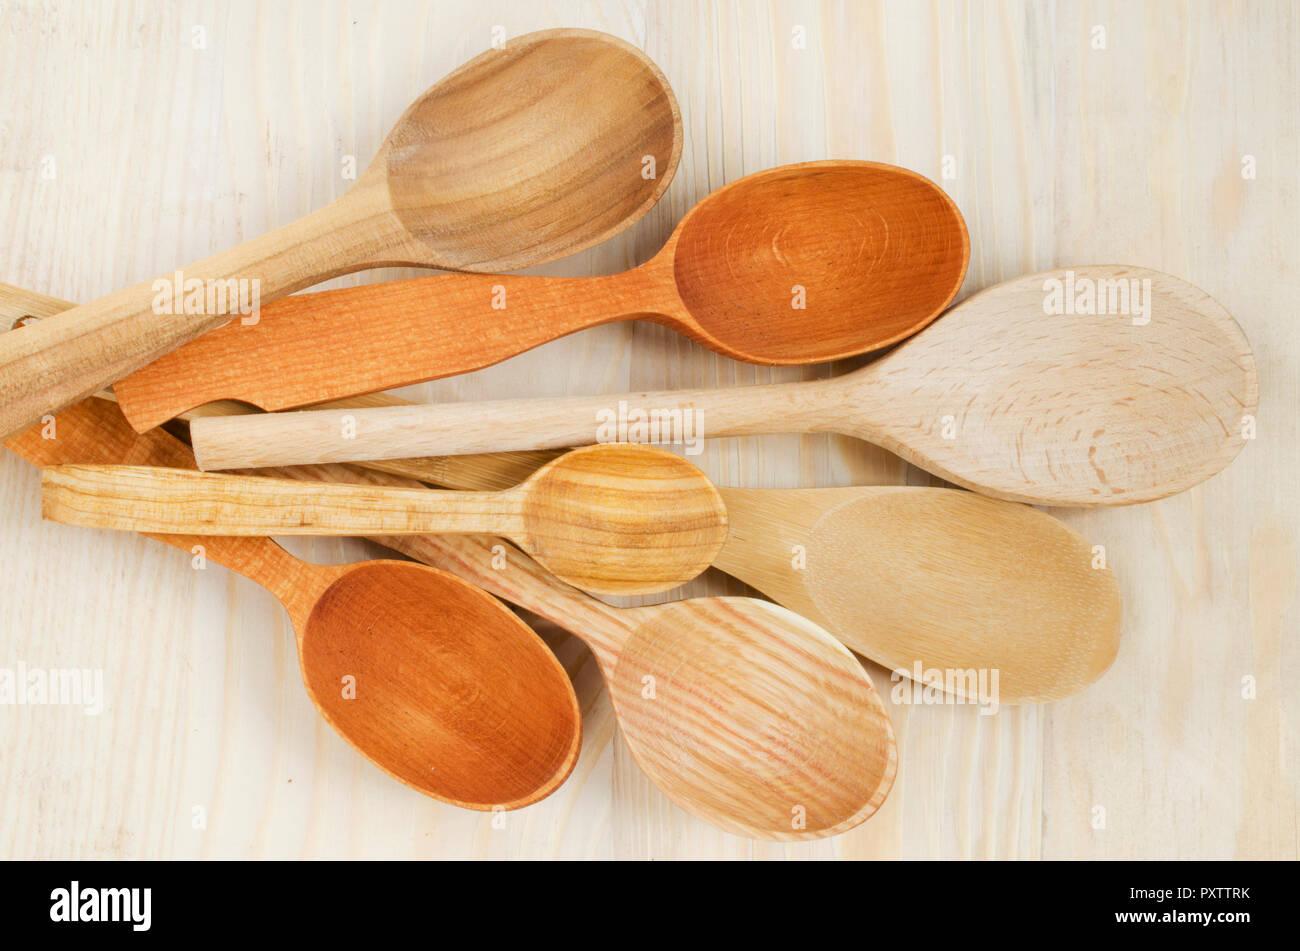 Home Küche Dekor: Löffel aus Holz auf Holz- Hintergrund. Im rustikalen Stil. Blick von oben. Stockfoto